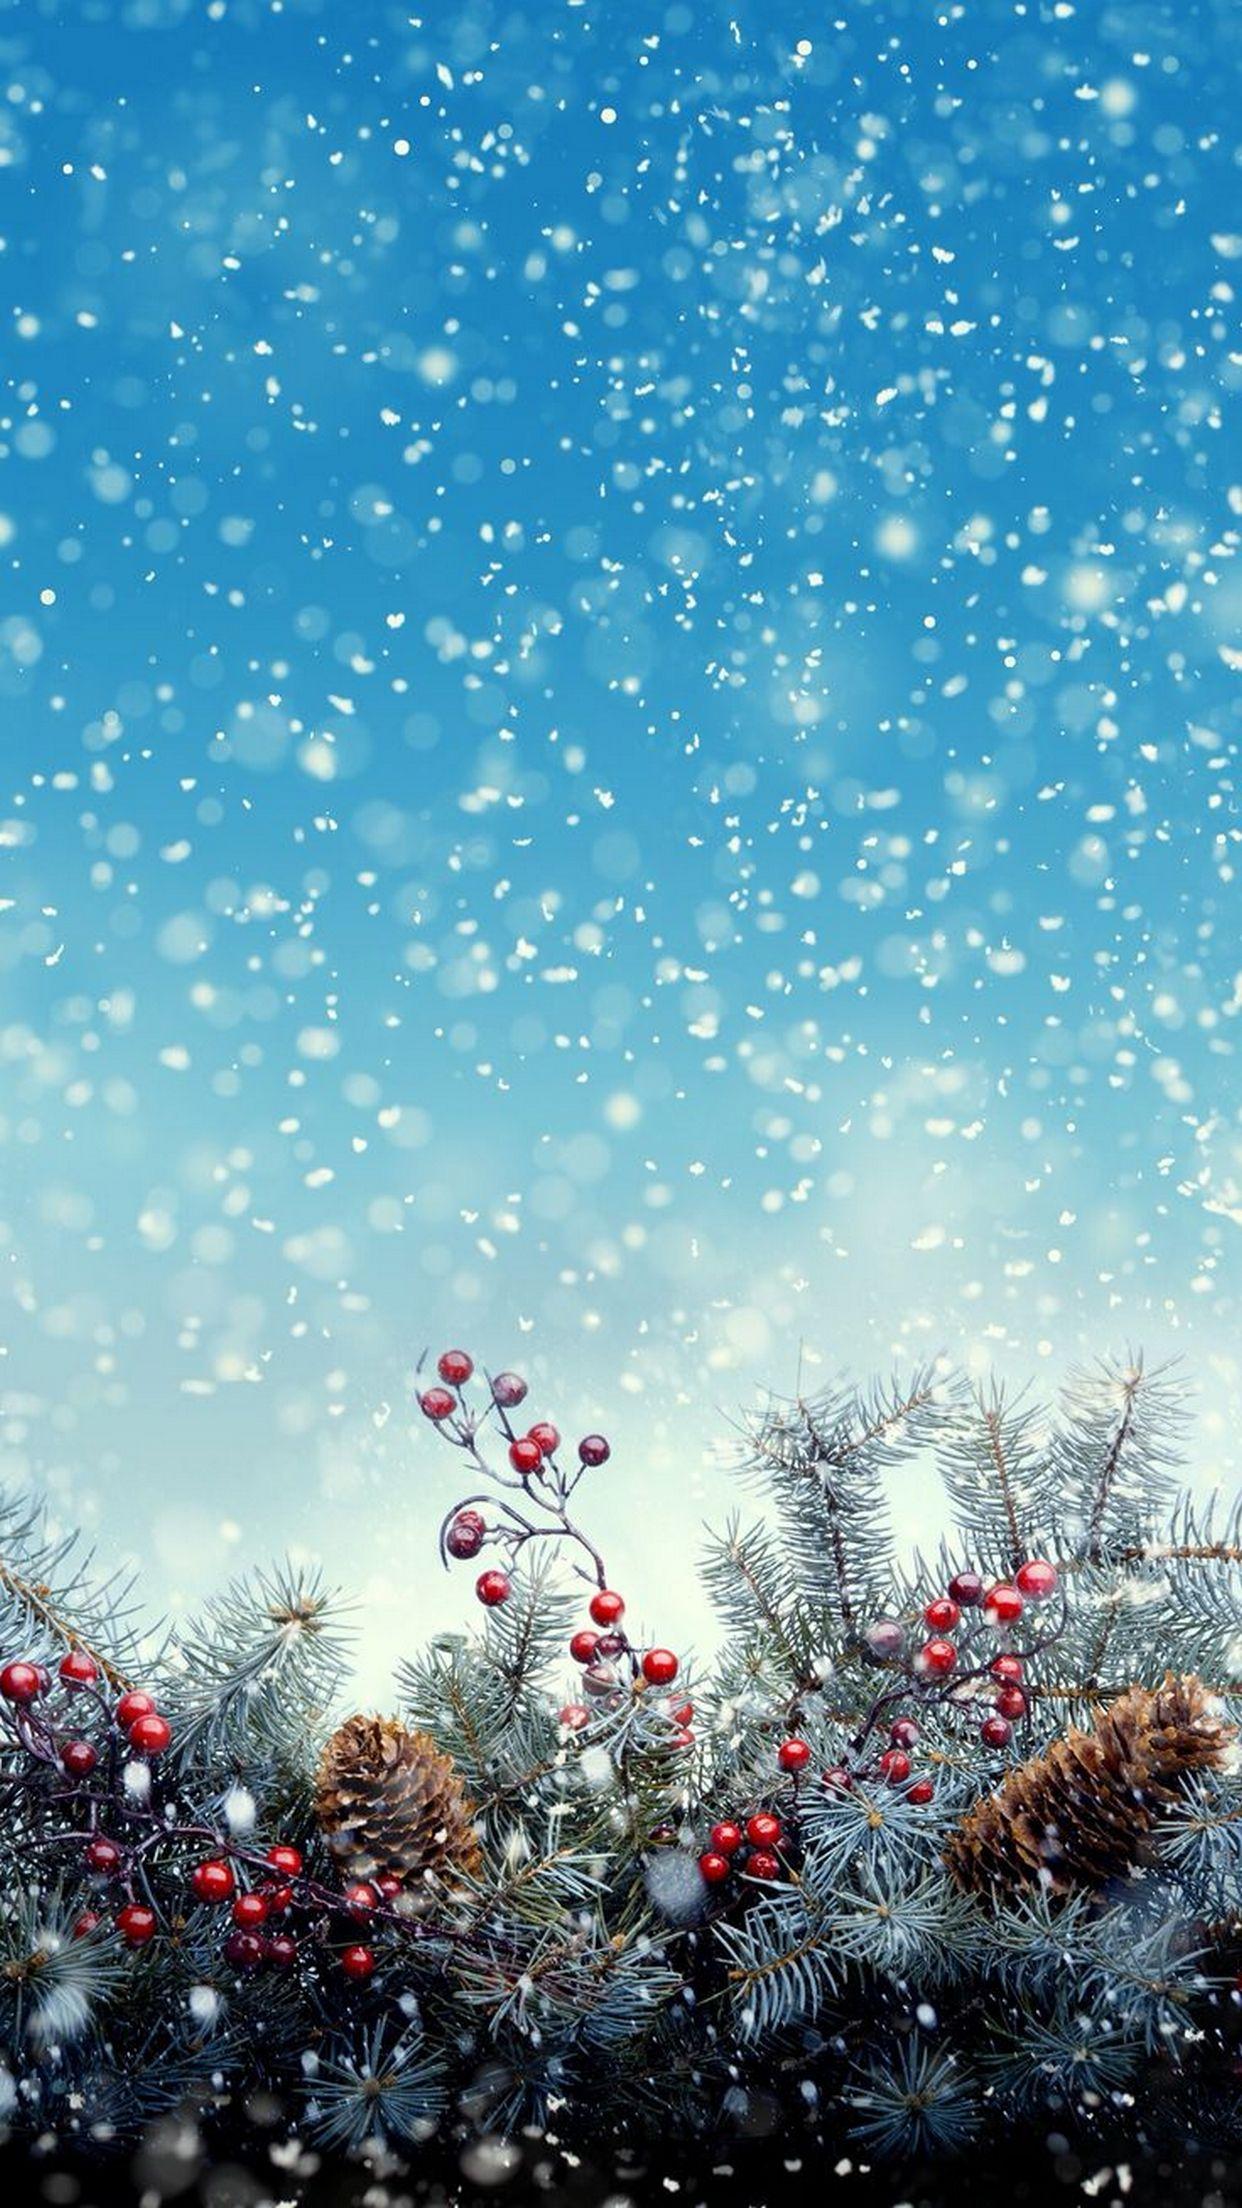 Karácsony ♥️ image by Juhászné Kiss Karácsonyi háttér